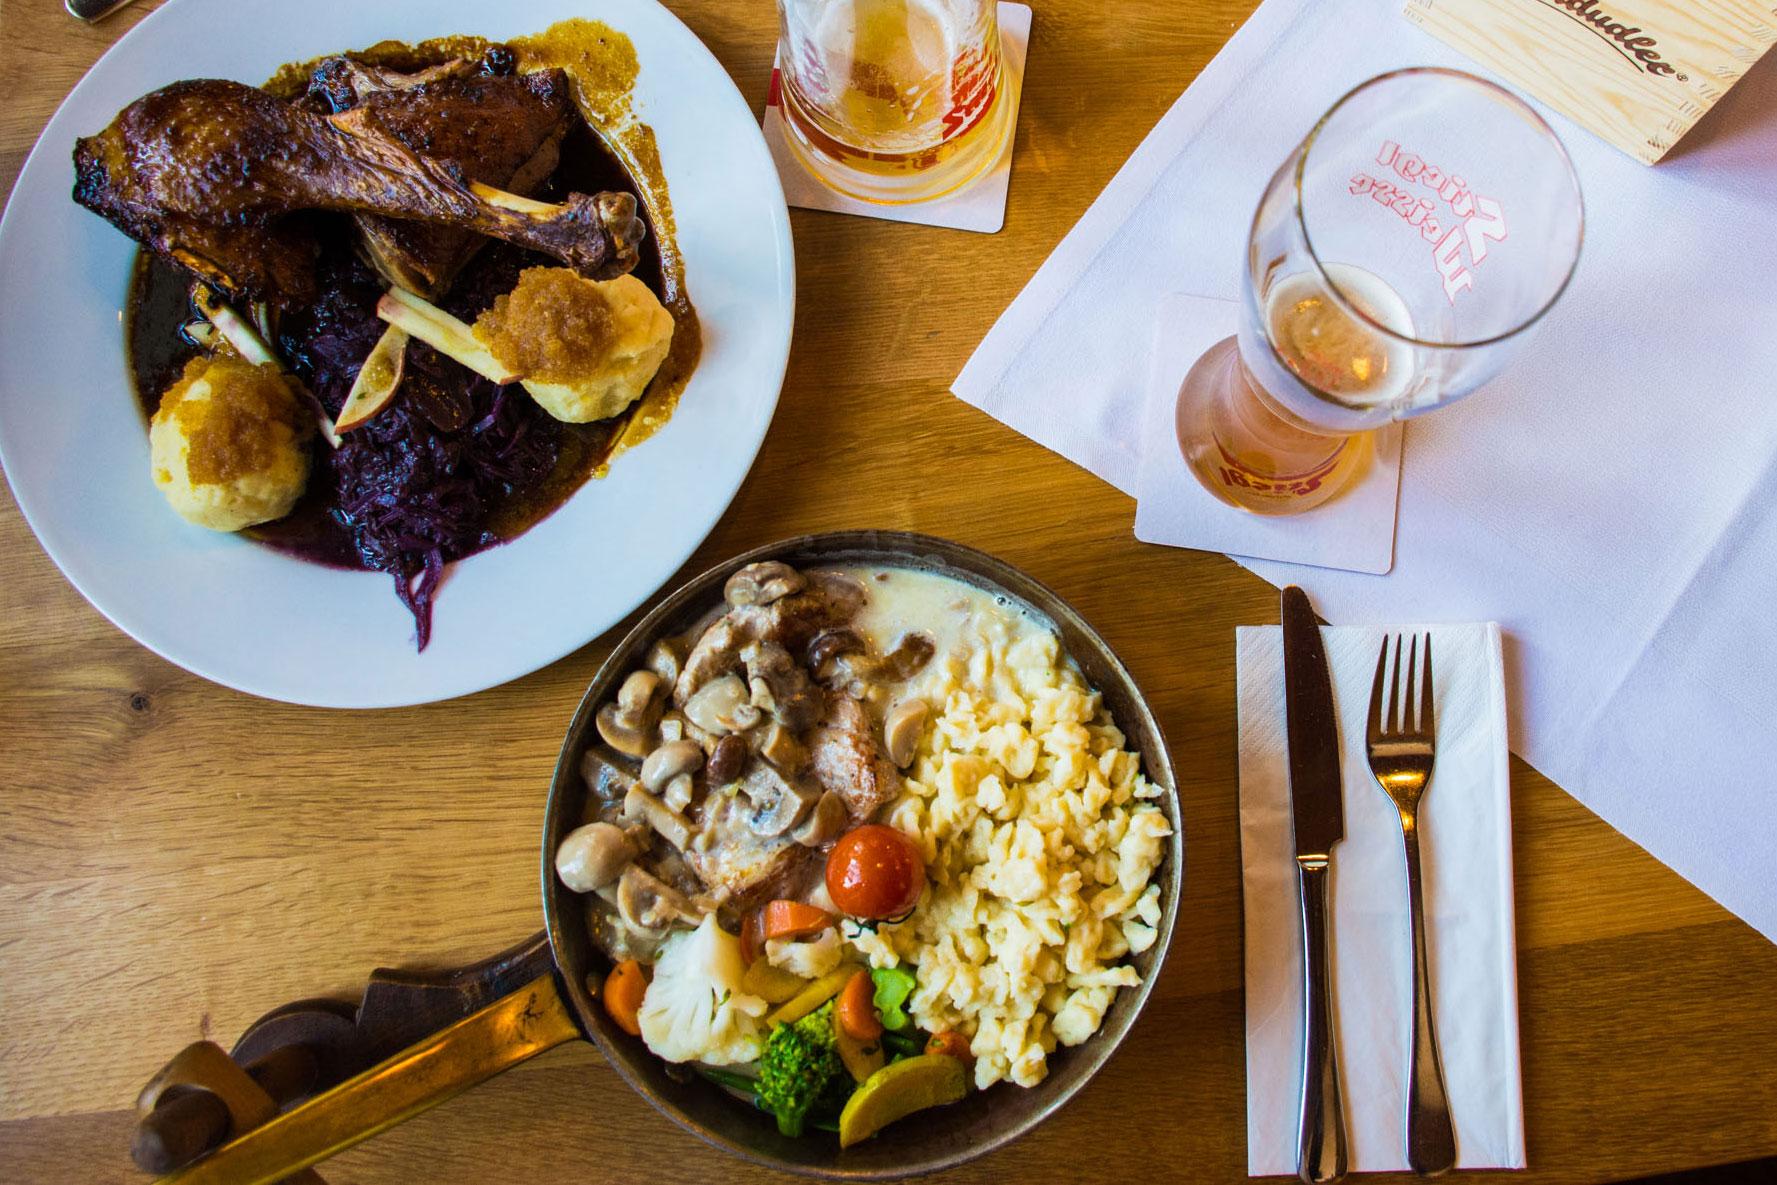 Our Thanksgiving feast in Salzburg, Austria